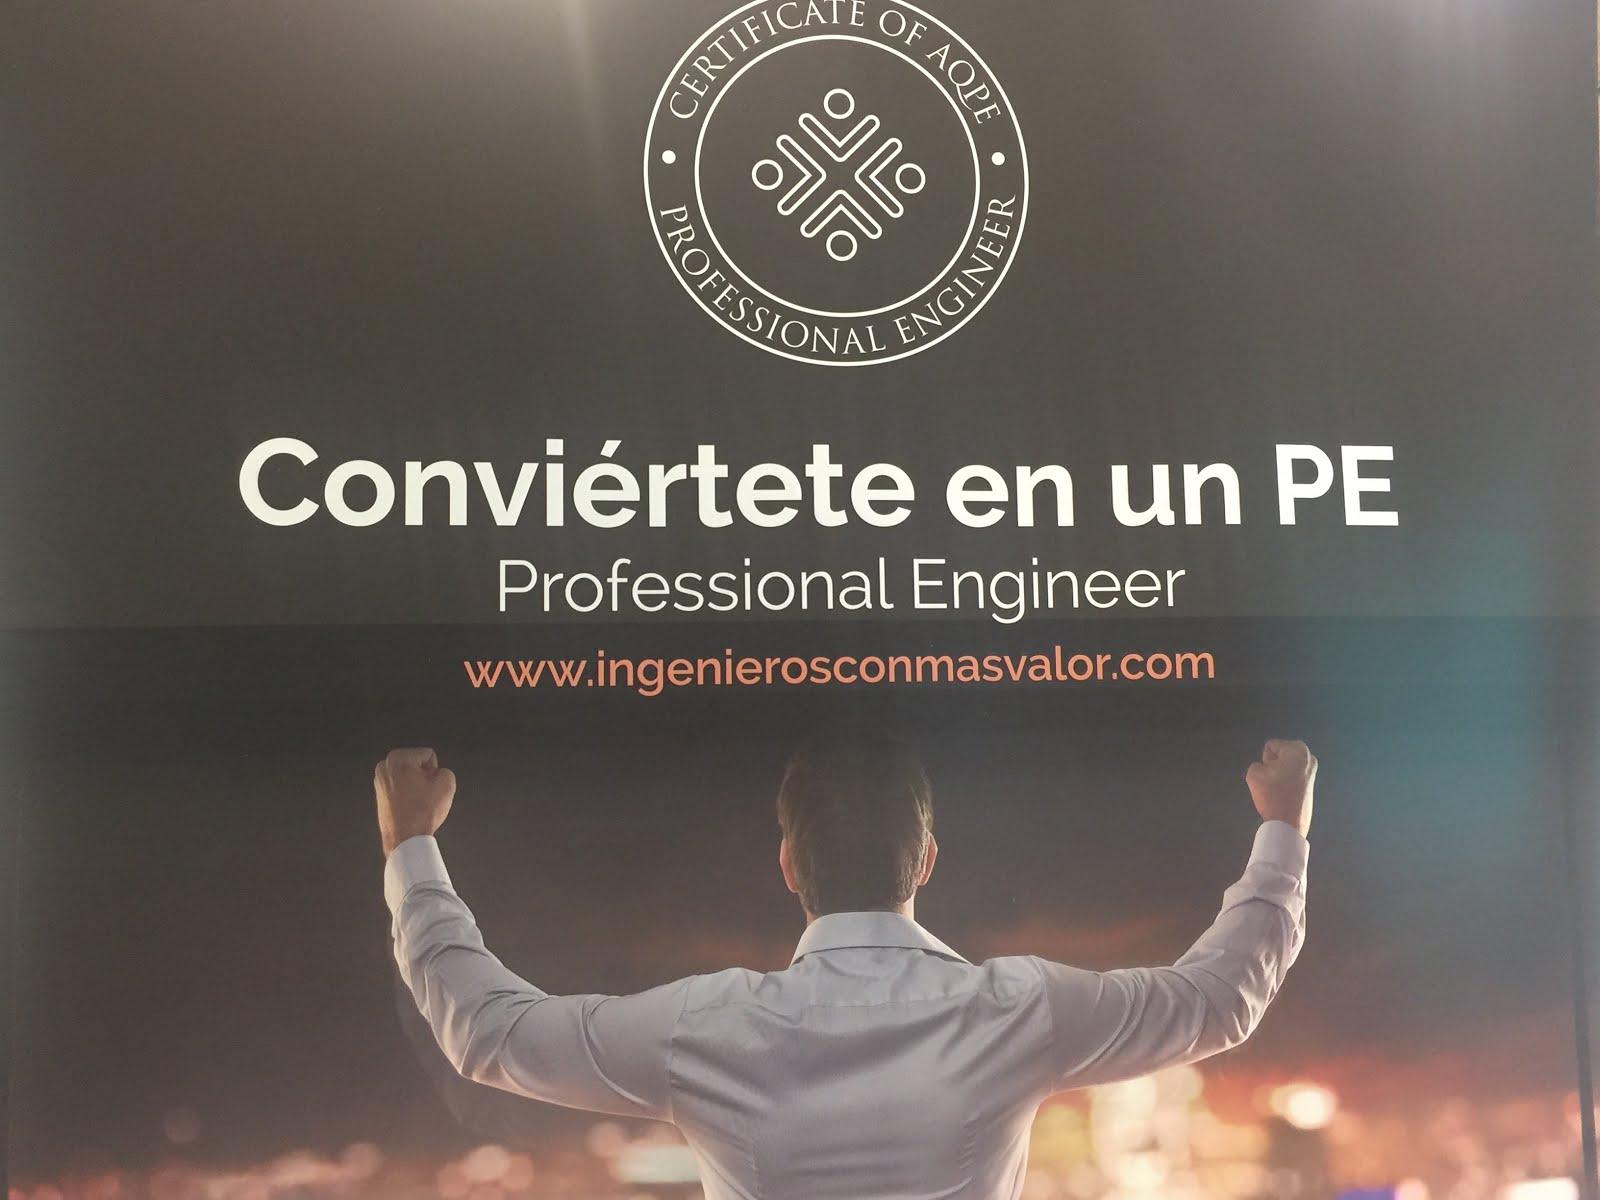 Certificación Profesional de Ingenieros